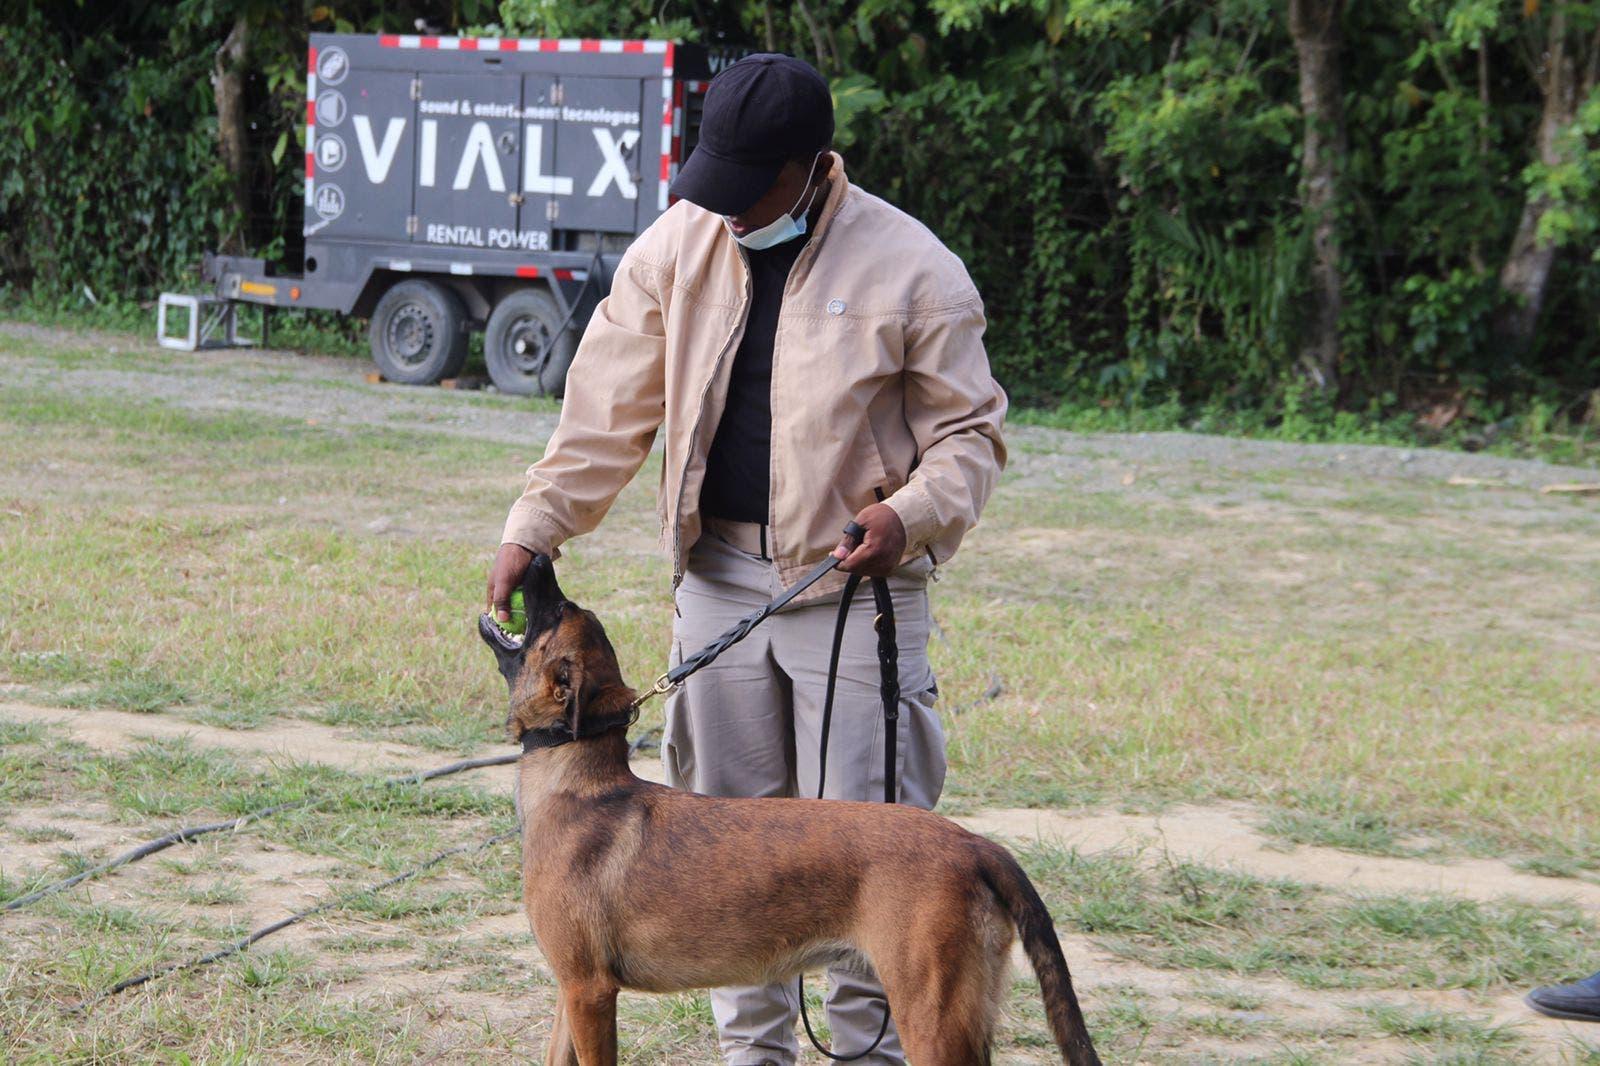 Seguridad presidencial incorpora perros detectores de explosivos